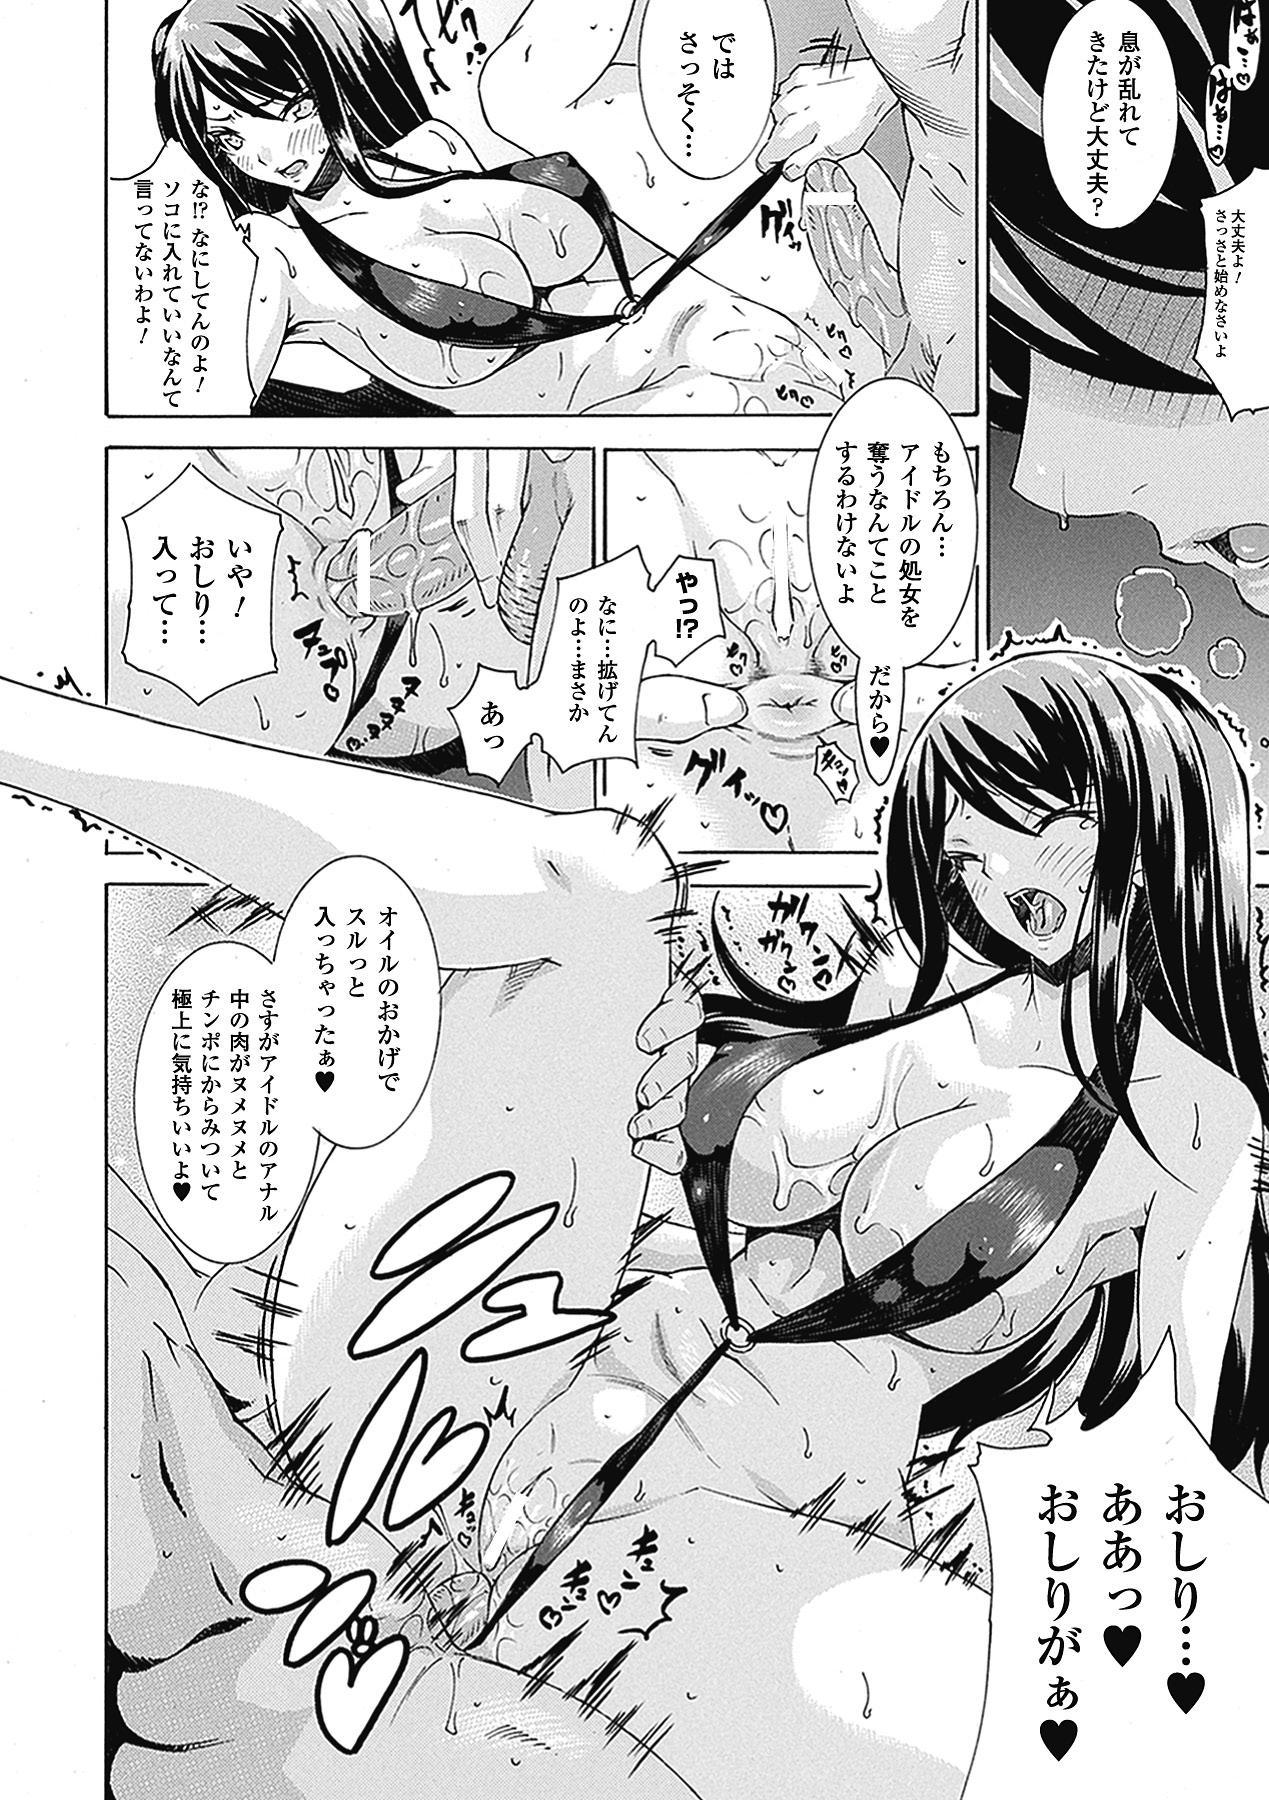 Seiin Shoujo 57